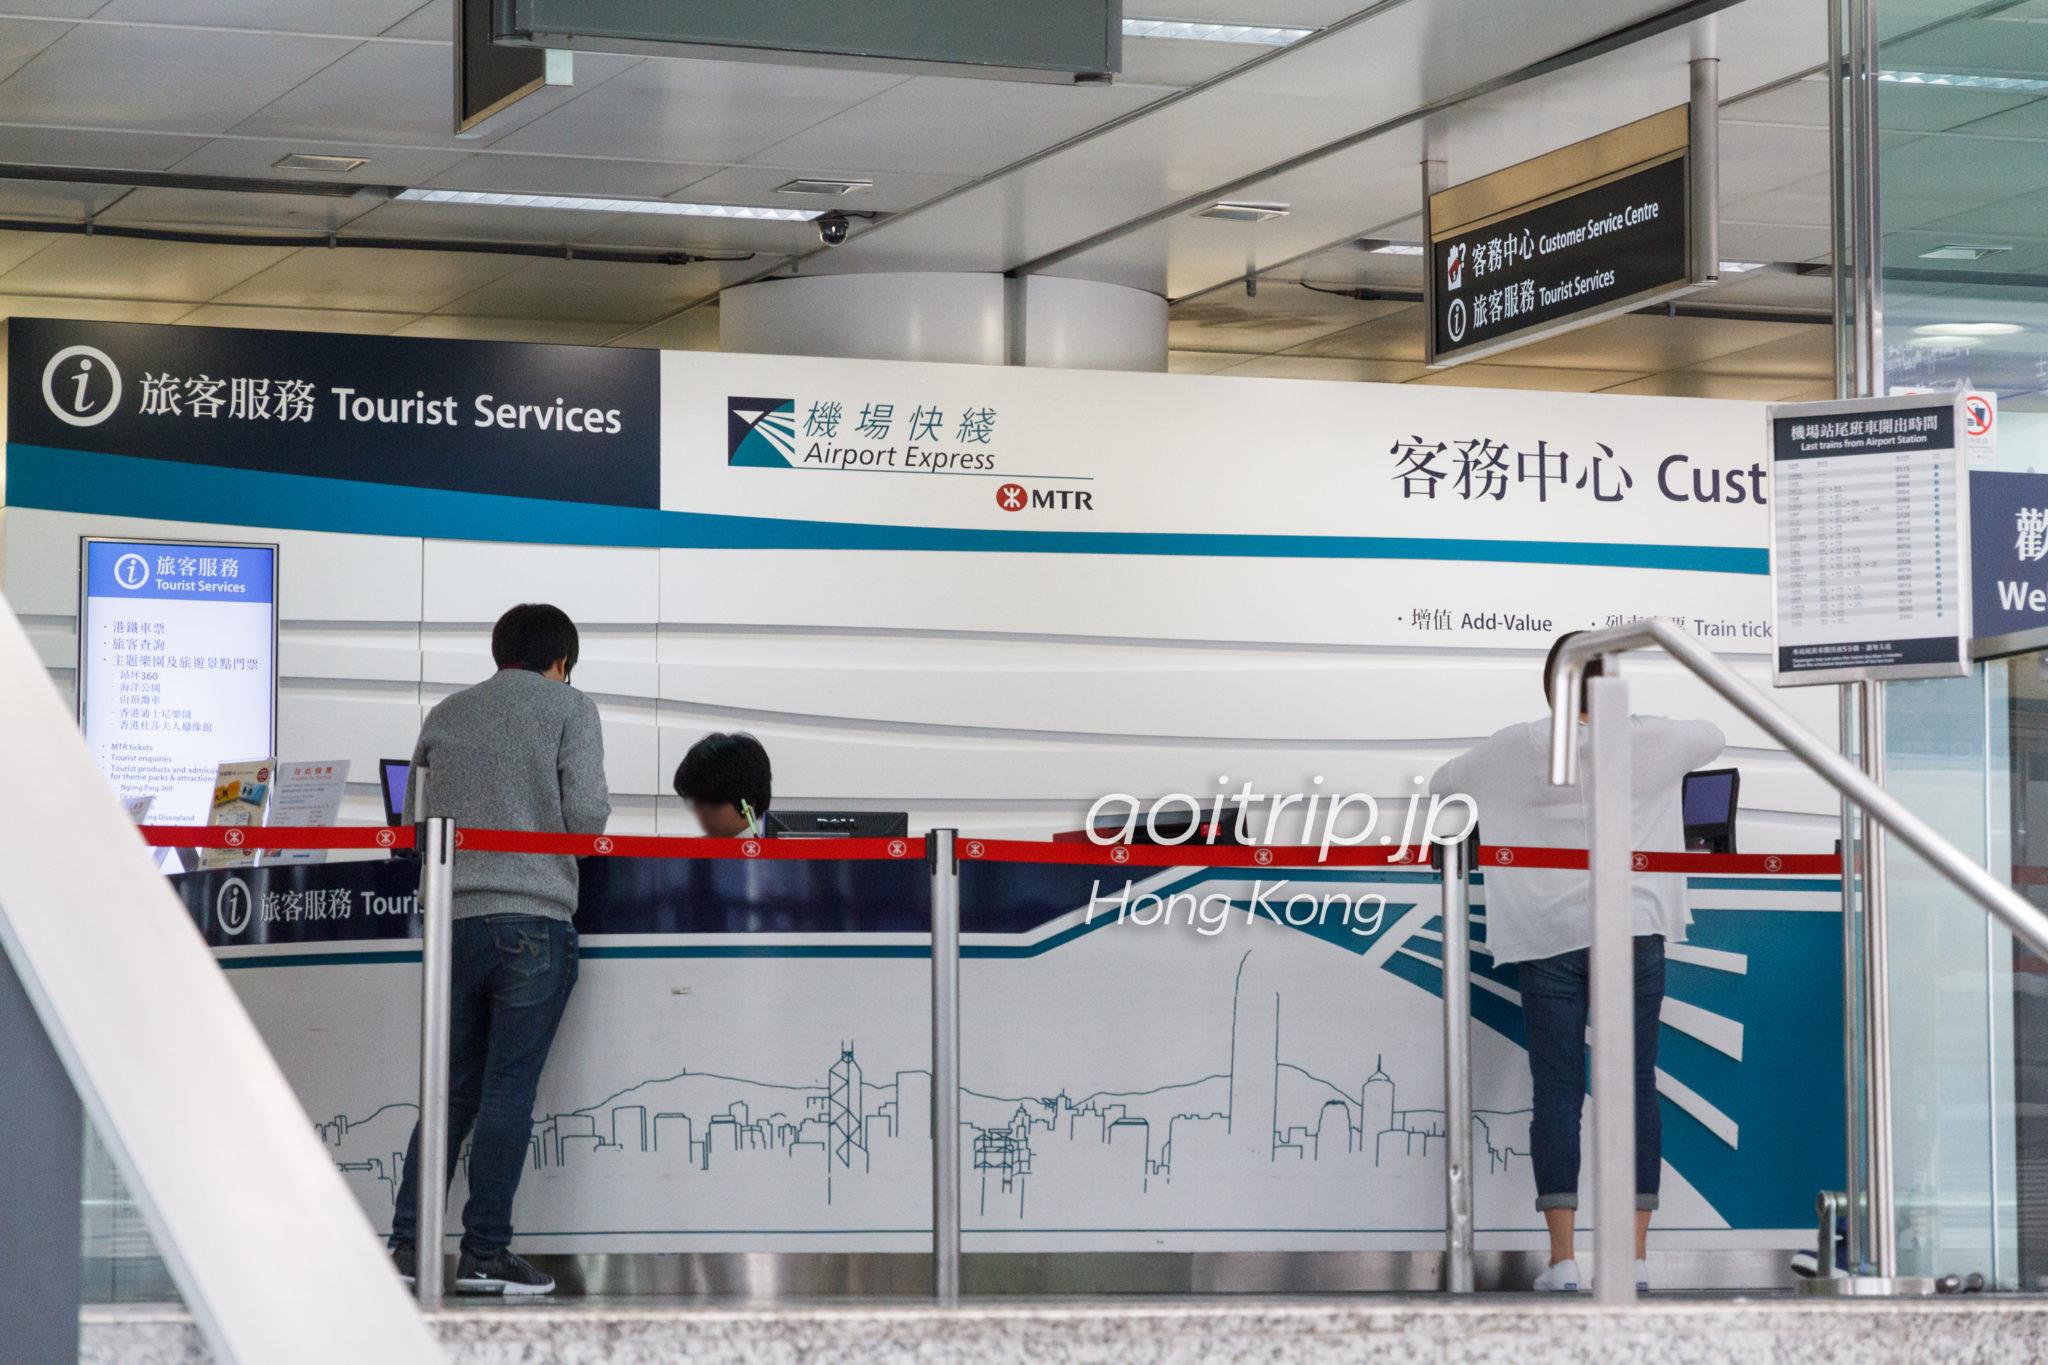 香港エアポートエクスプレスの客務中心(Customer Service Centre